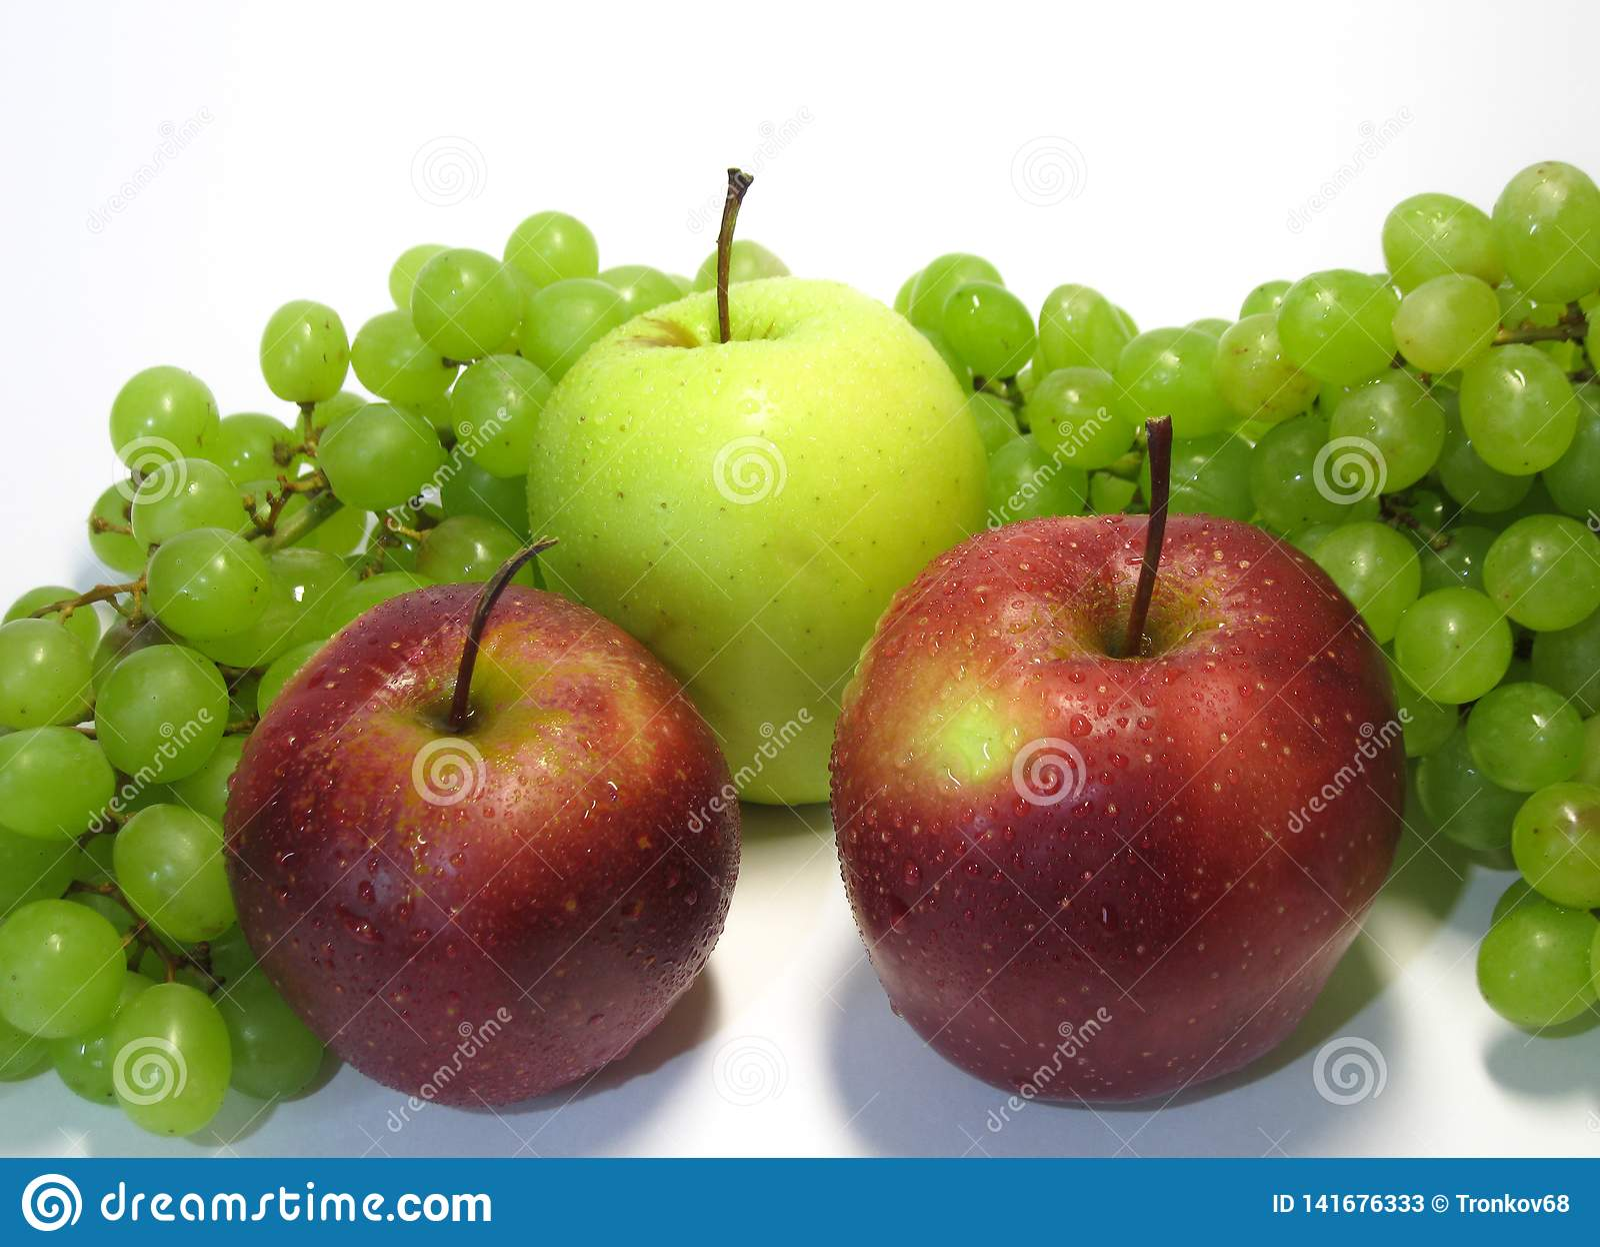 Manzanas y uvas - belleza y ventaja, gusto y salud, una fuente inagotable de vitaminas